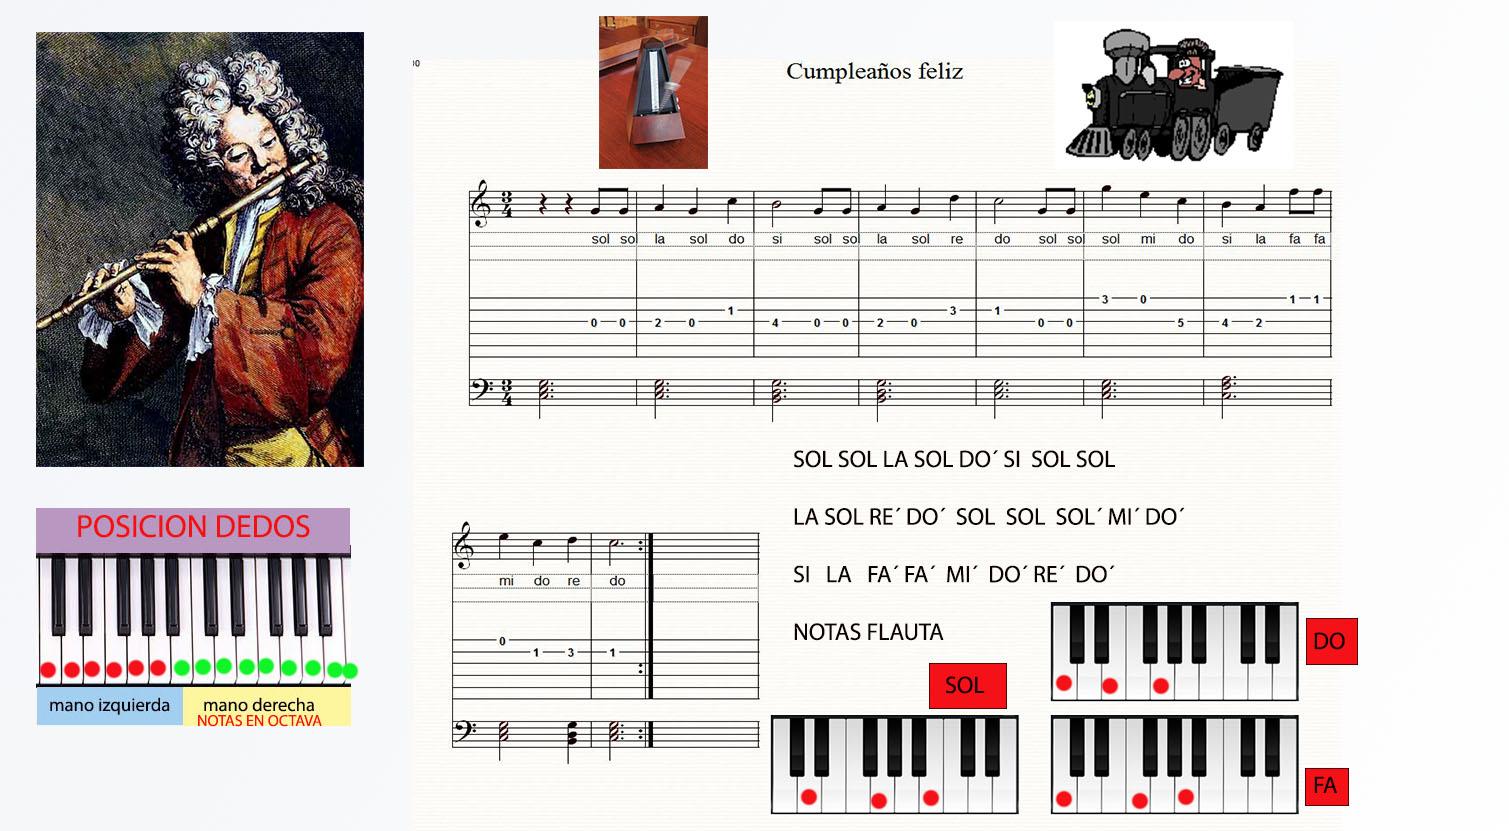 Ficha musical cumplea os feliz lo mejor del mundo la m sica piano y flauta - Cumpleanos feliz piano ...